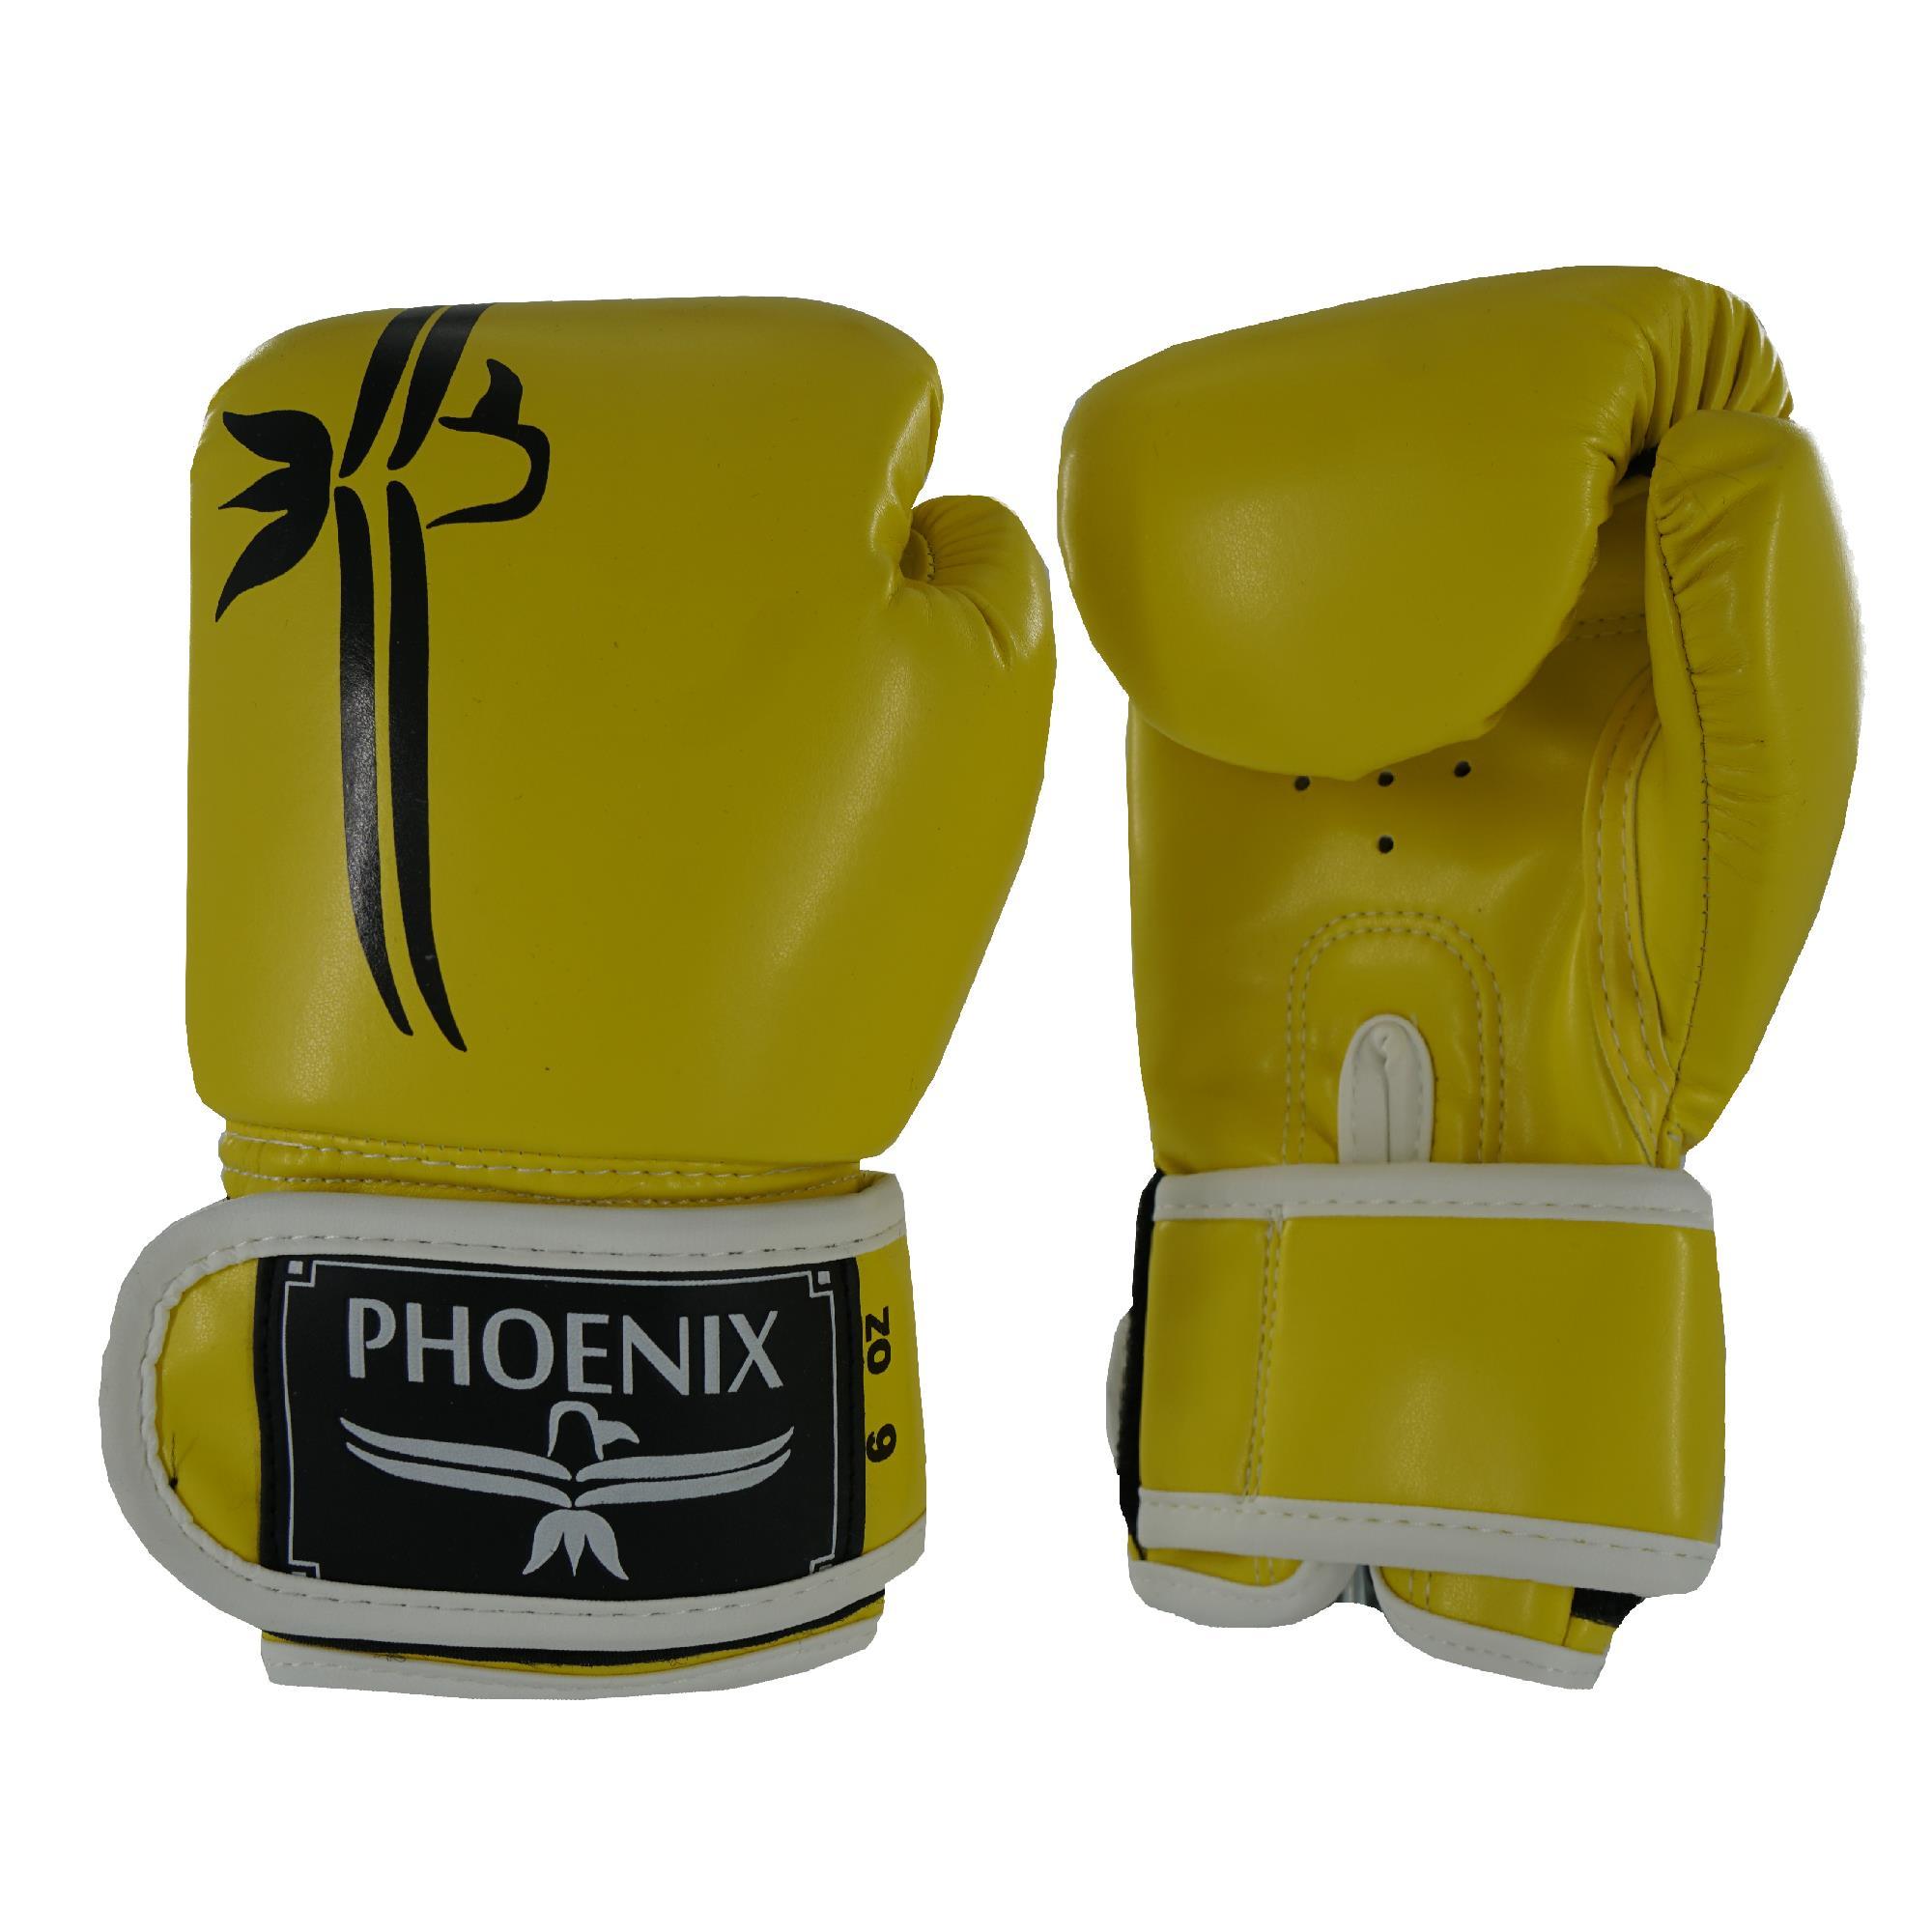 כפפות אגרוף PHOENIX KIDS 4-6oz צהוב